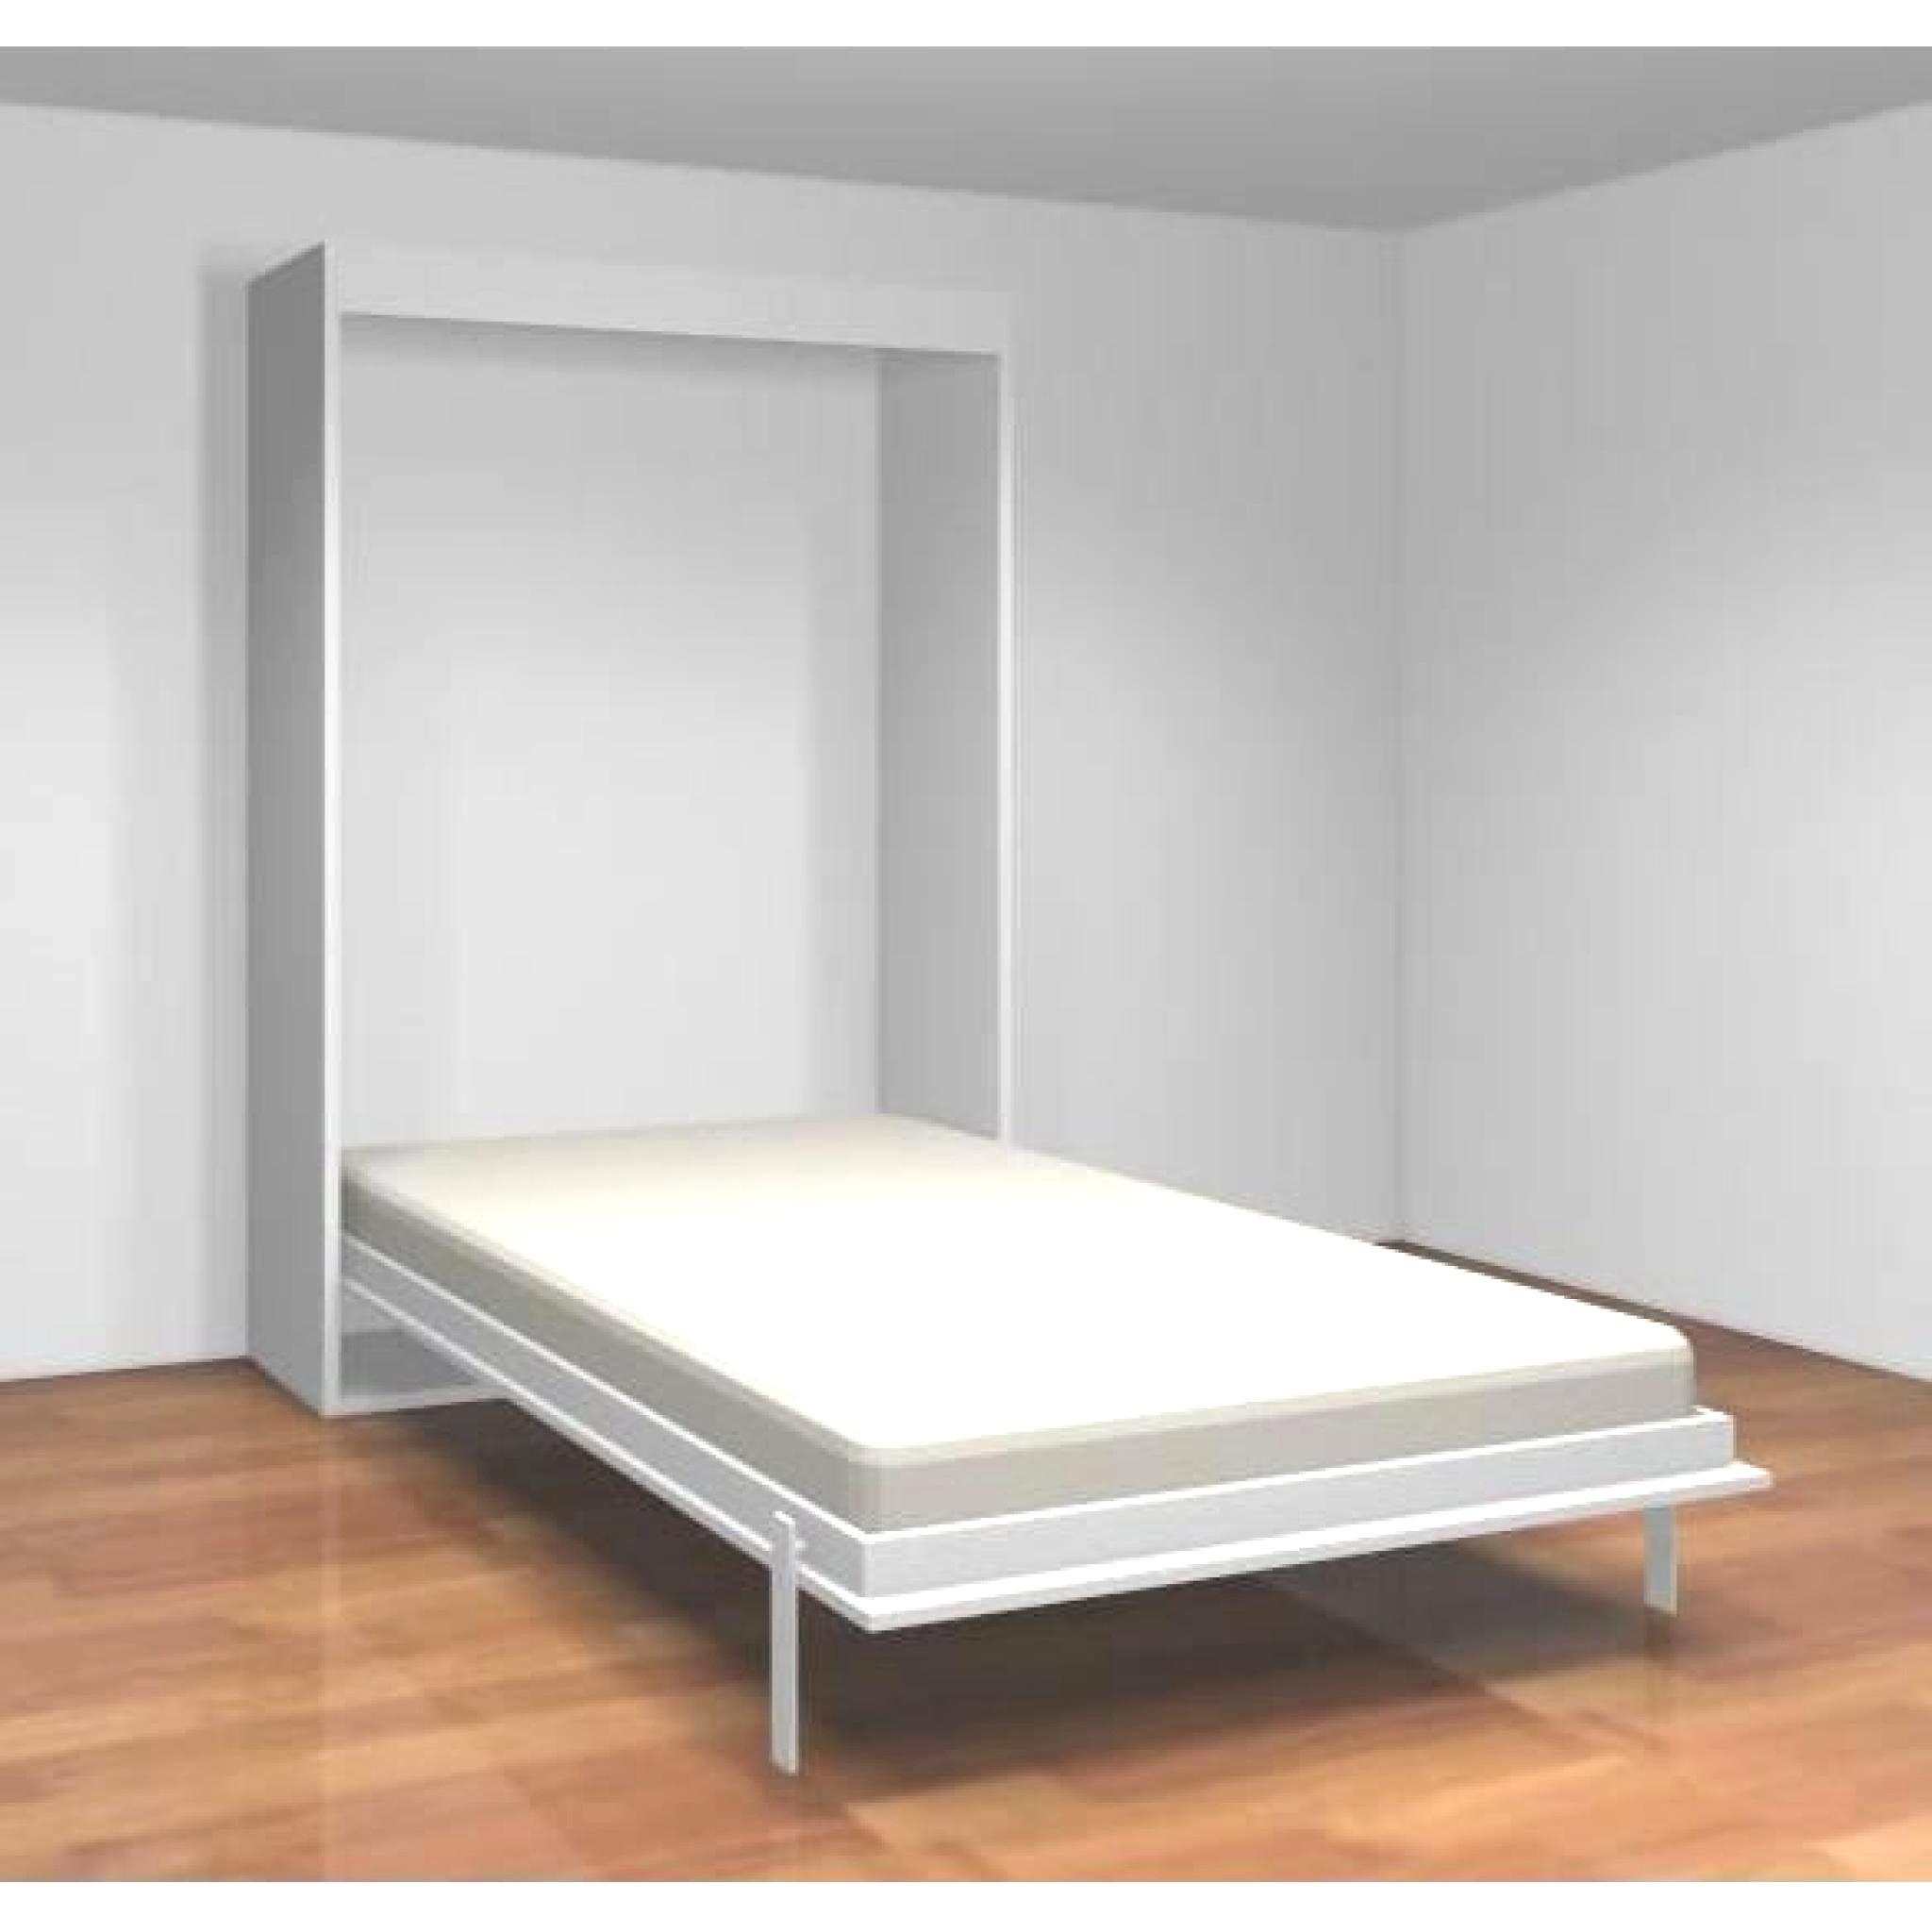 Lit Canapé Escamotable Ikea Nouveau Galerie 23 Beau En Ligne Lit Escamotable Avec Canap Inspiration Maison Avec